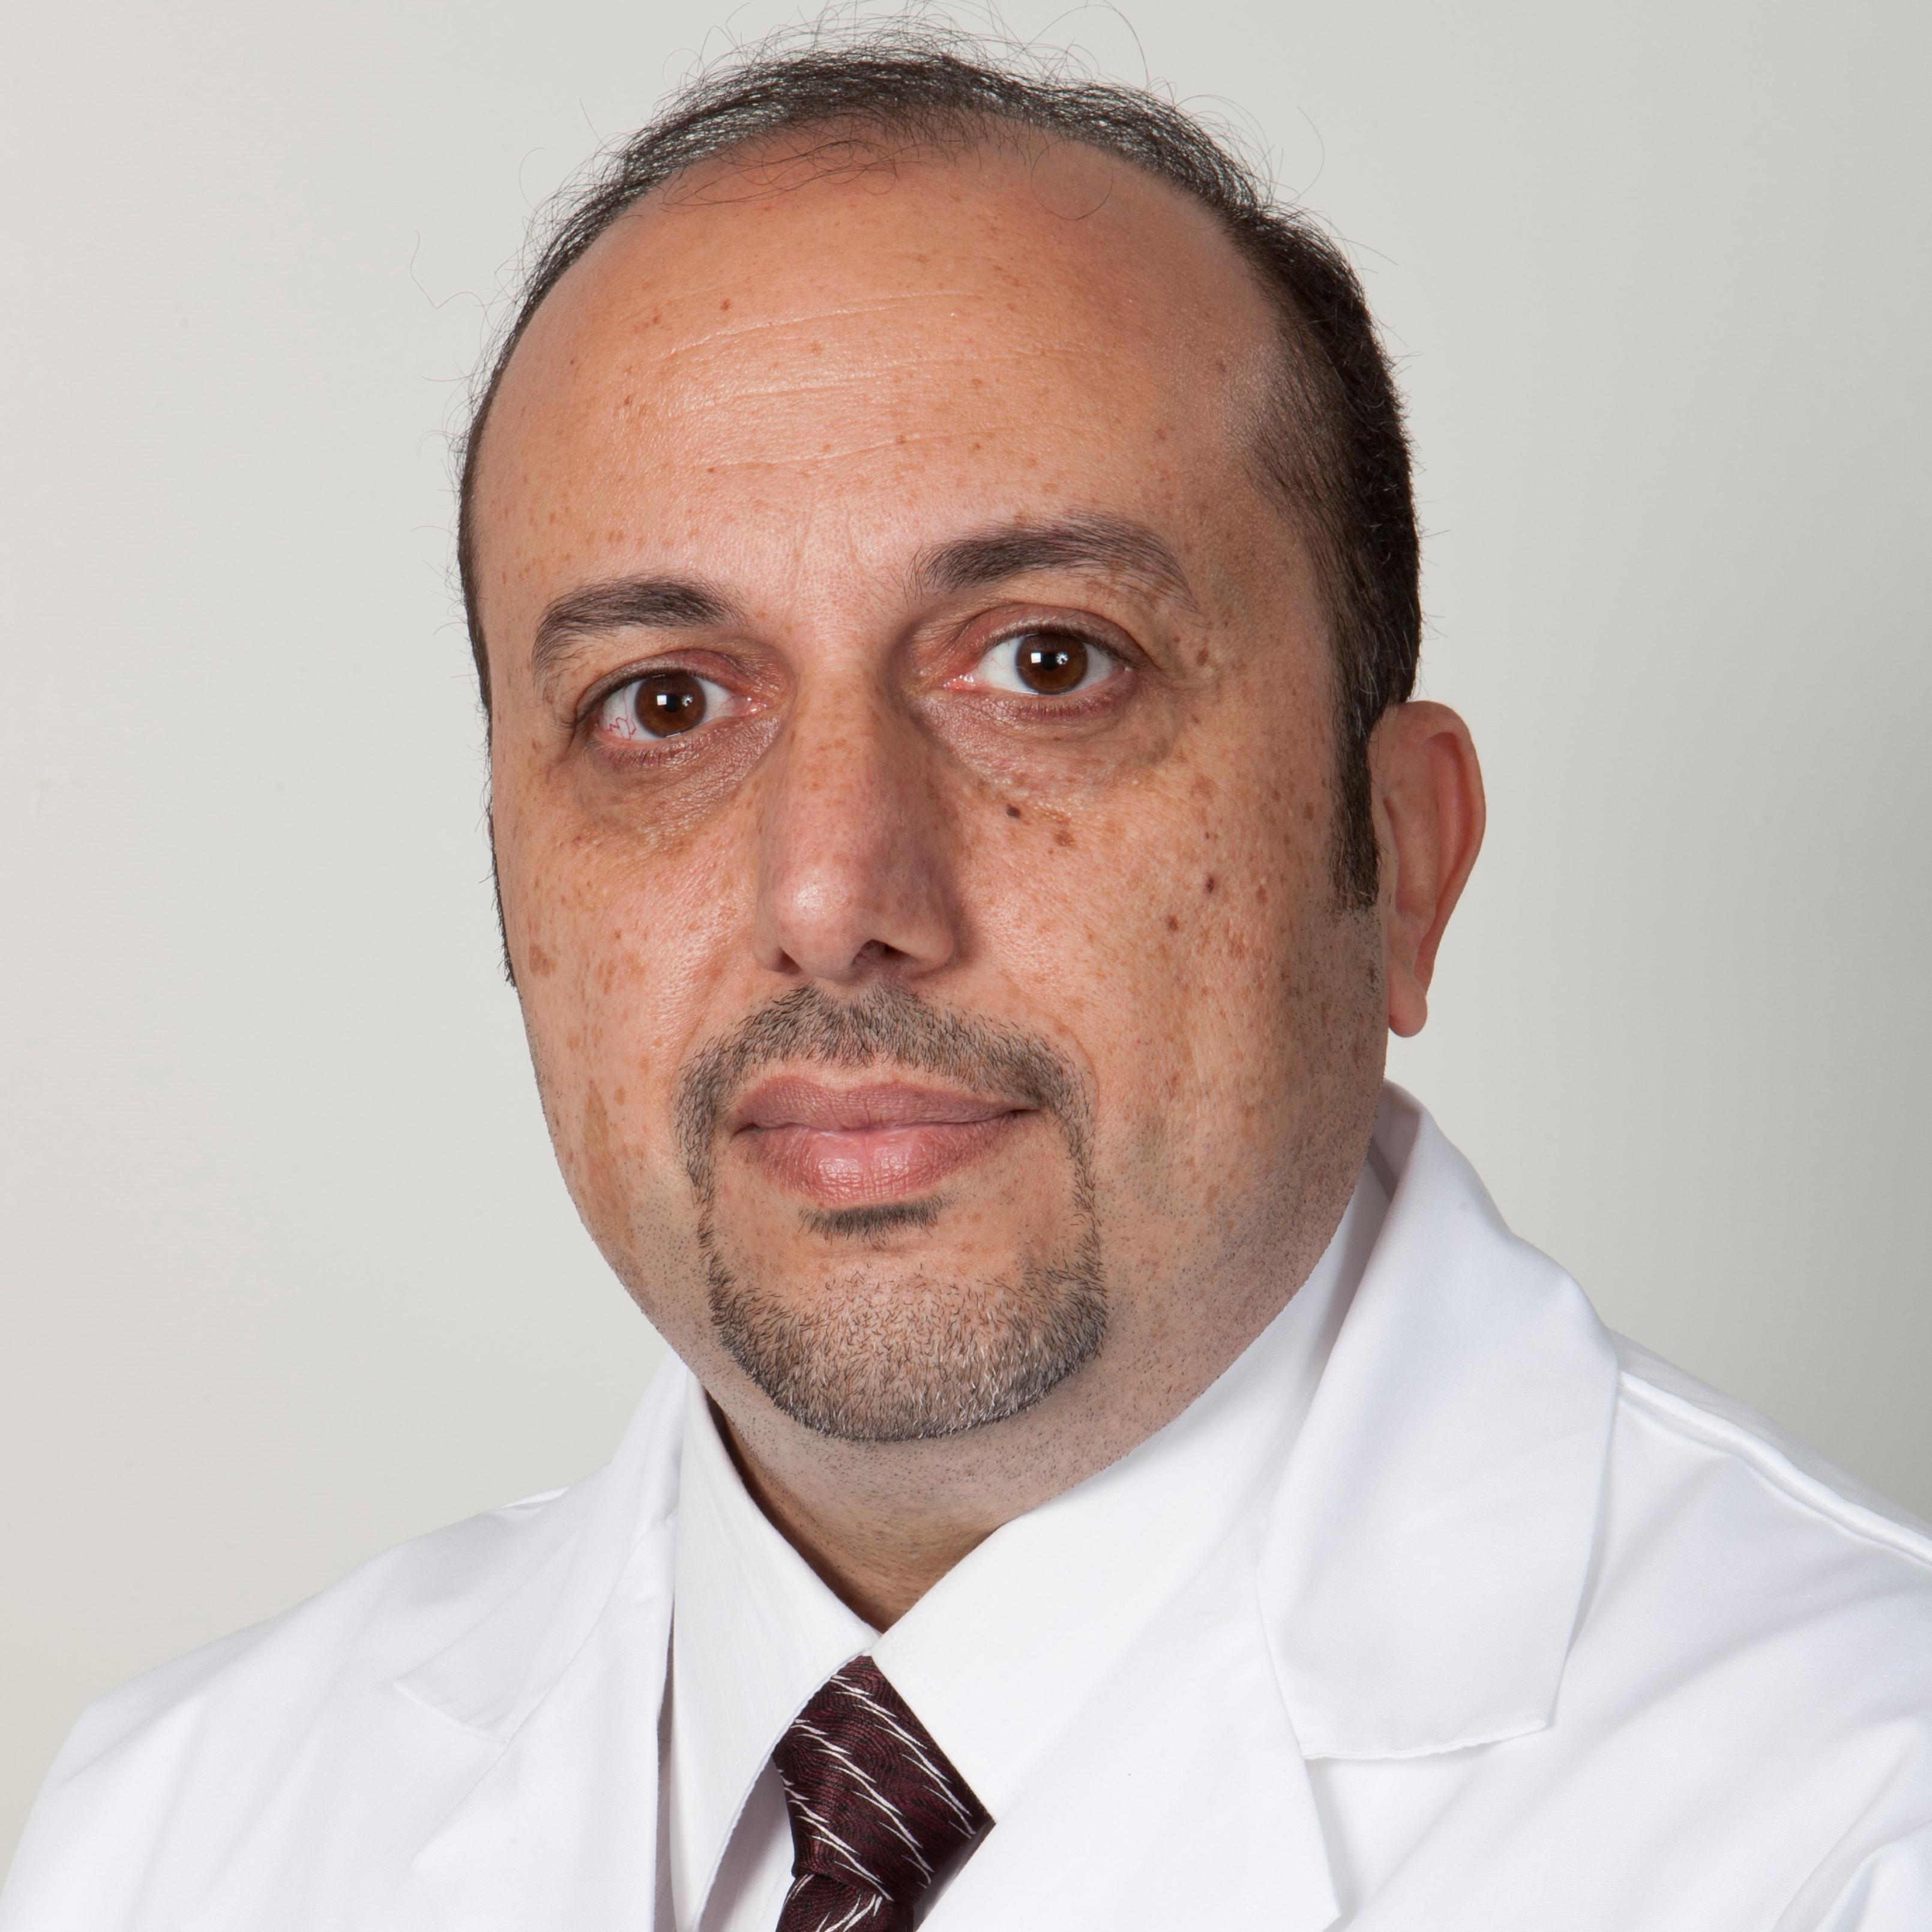 Amar Ibrahim M. Al-Shibli, Photo.jpg